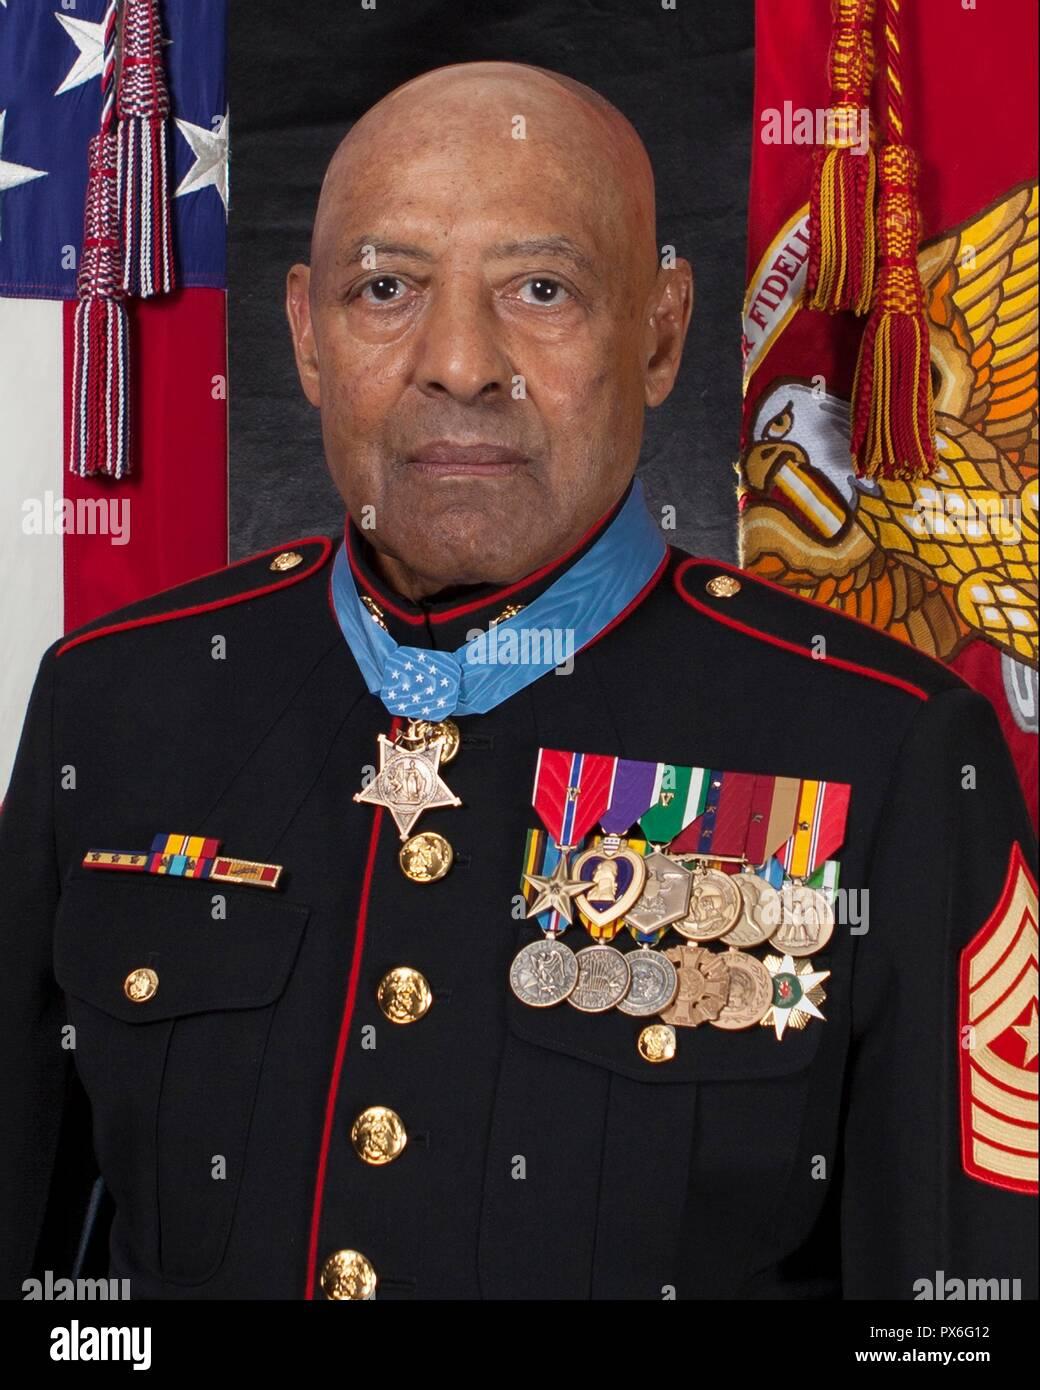 Récipiendaire de la médaille d'Honneur a pris sa retraite de la Marine américaine Le Sgt. Le major John Canley pose avec sa médaille pour son portrait officiel au Pentagone le 18 octobre 2018 à Washington, DC. Canley a reçu la plus haute distinction des nations unies pour les actions au cours de la bataille de Hue dans la guerre du Vietnam. Banque D'Images